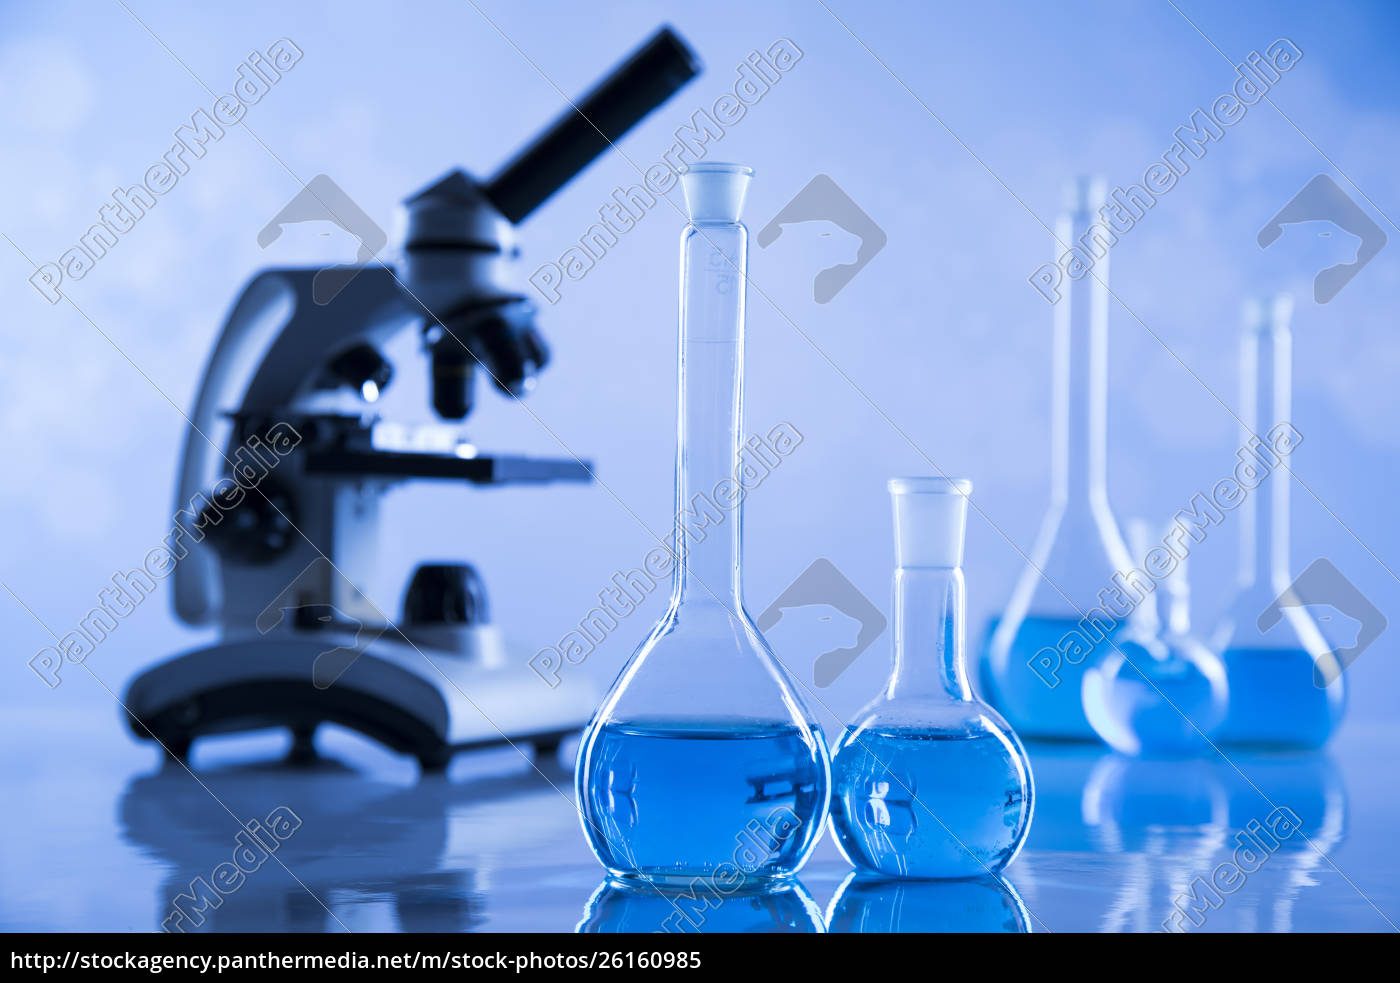 sviluppo, vetreria, scientifica, per, esperimenti, chimici - 26160985